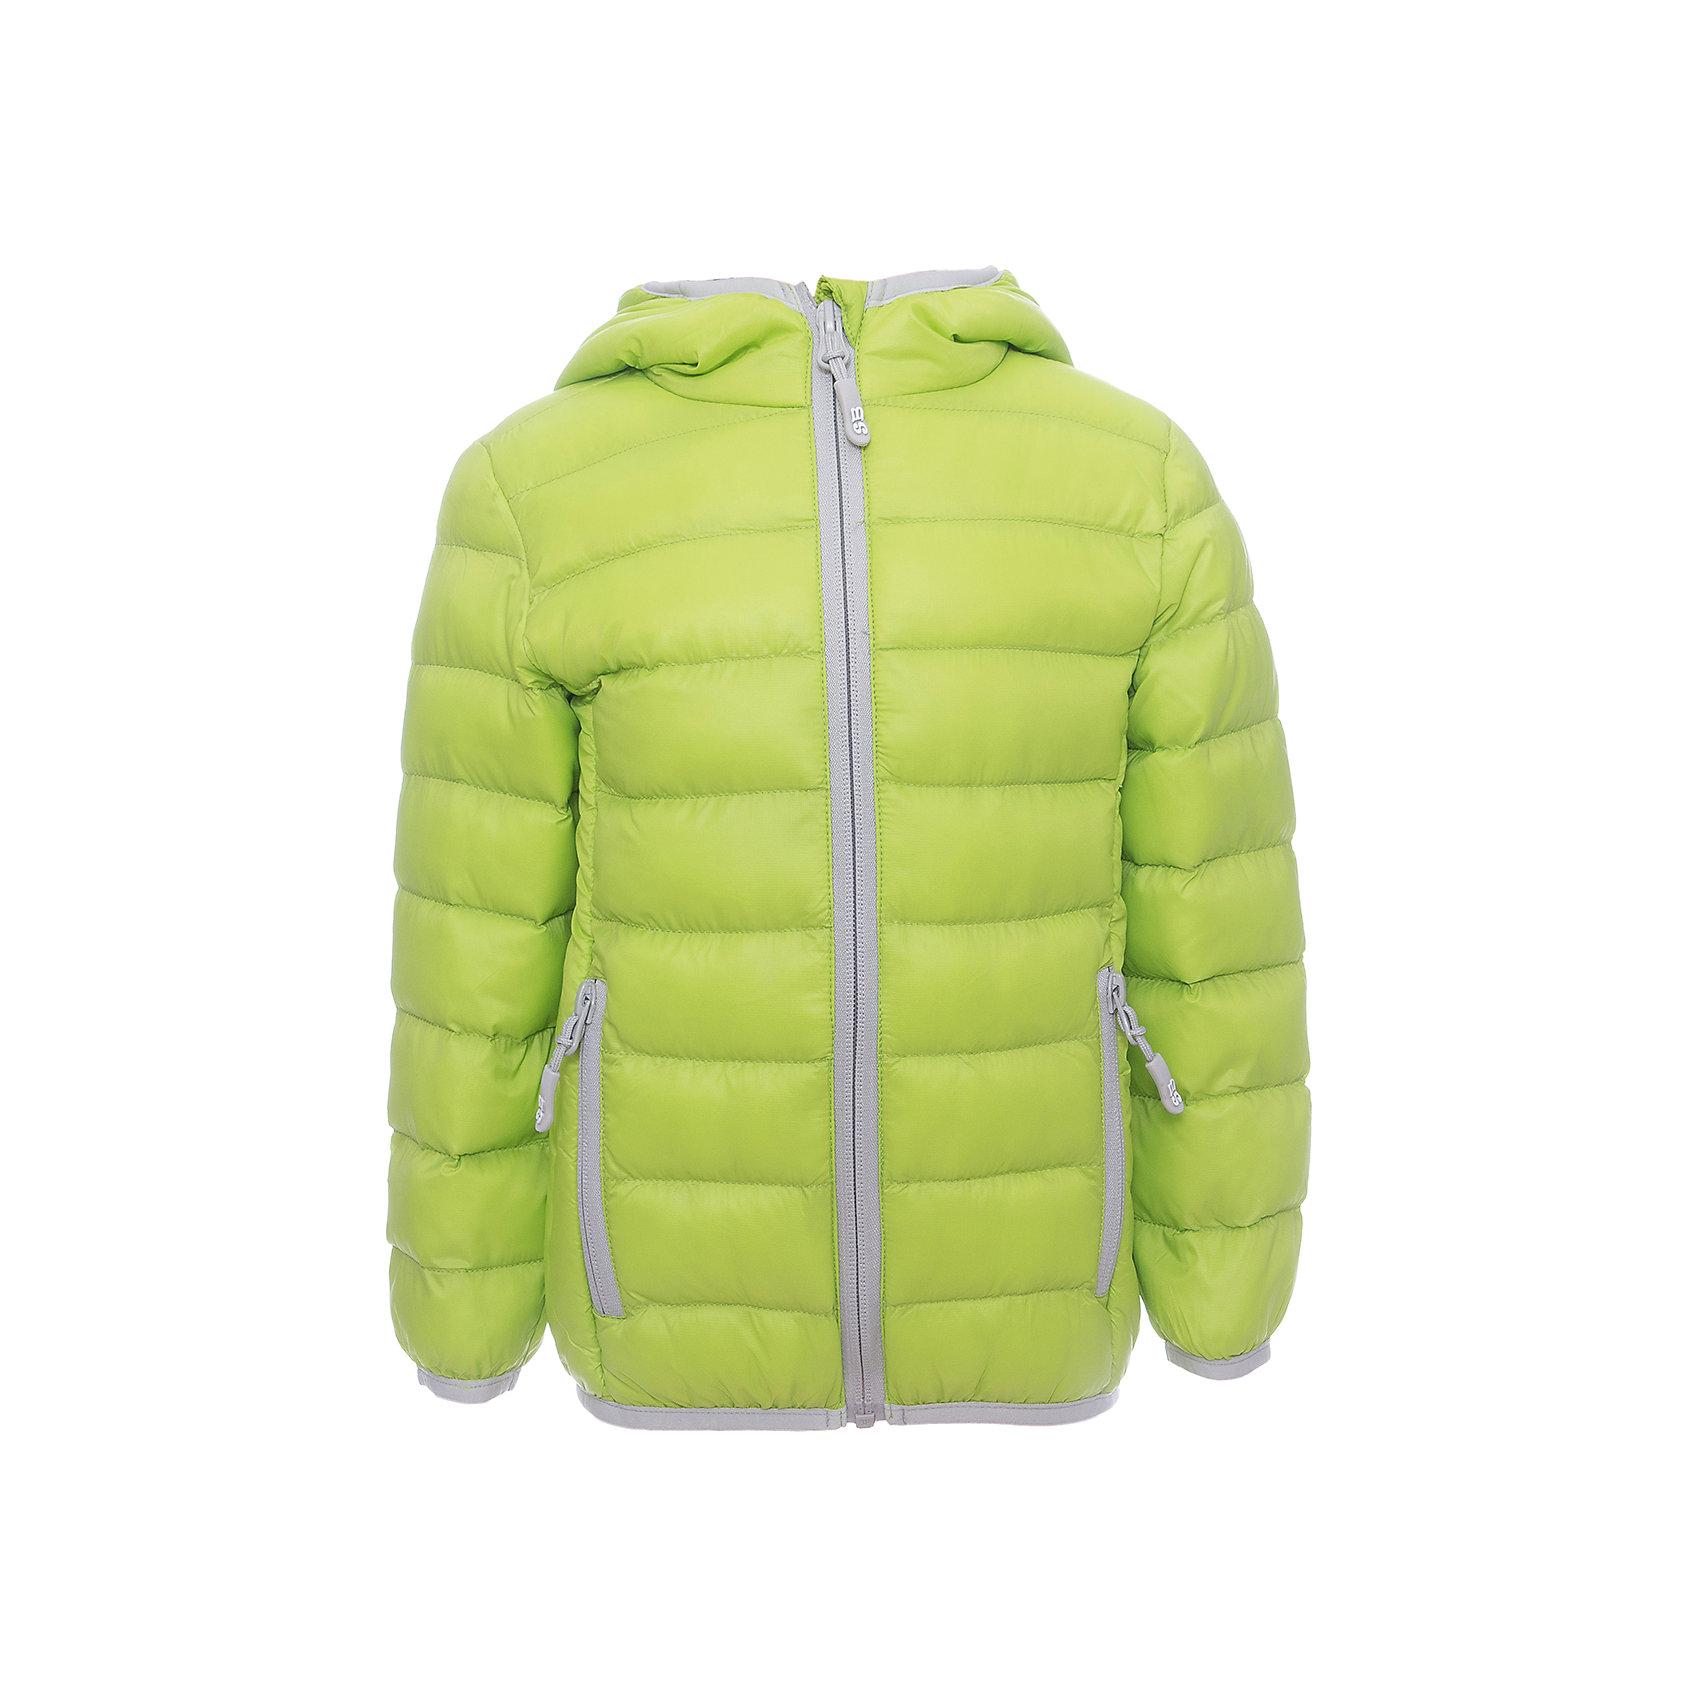 Куртка для мальчика Sweet BerryДемисезонные куртки<br>Яркая стеганая куртка с несъемным капюшоном. Куртка комплектуется удобным мешочком для хранения. Карманы по бокам застегиваются на молнии и имеют резиновые пуллеры  с логотипами компании.  Ткань верха: нейлон- водонепроницаемая ткань с ветрозащитными свойствами.<br>Пoдклад: нейлон.<br>Утеплитель:  Синтепух 80 г/м?. Температурный режим от +5 С до + 15 С.<br>Состав:<br>Верх:  100% нейлон.  Подкладка: 100% нейлон. Наполнитель: 100%полиэстер<br><br>Ширина мм: 356<br>Глубина мм: 10<br>Высота мм: 245<br>Вес г: 519<br>Цвет: зеленый<br>Возраст от месяцев: 72<br>Возраст до месяцев: 84<br>Пол: Мужской<br>Возраст: Детский<br>Размер: 122,128,134,140,104,98,110,116<br>SKU: 5412964